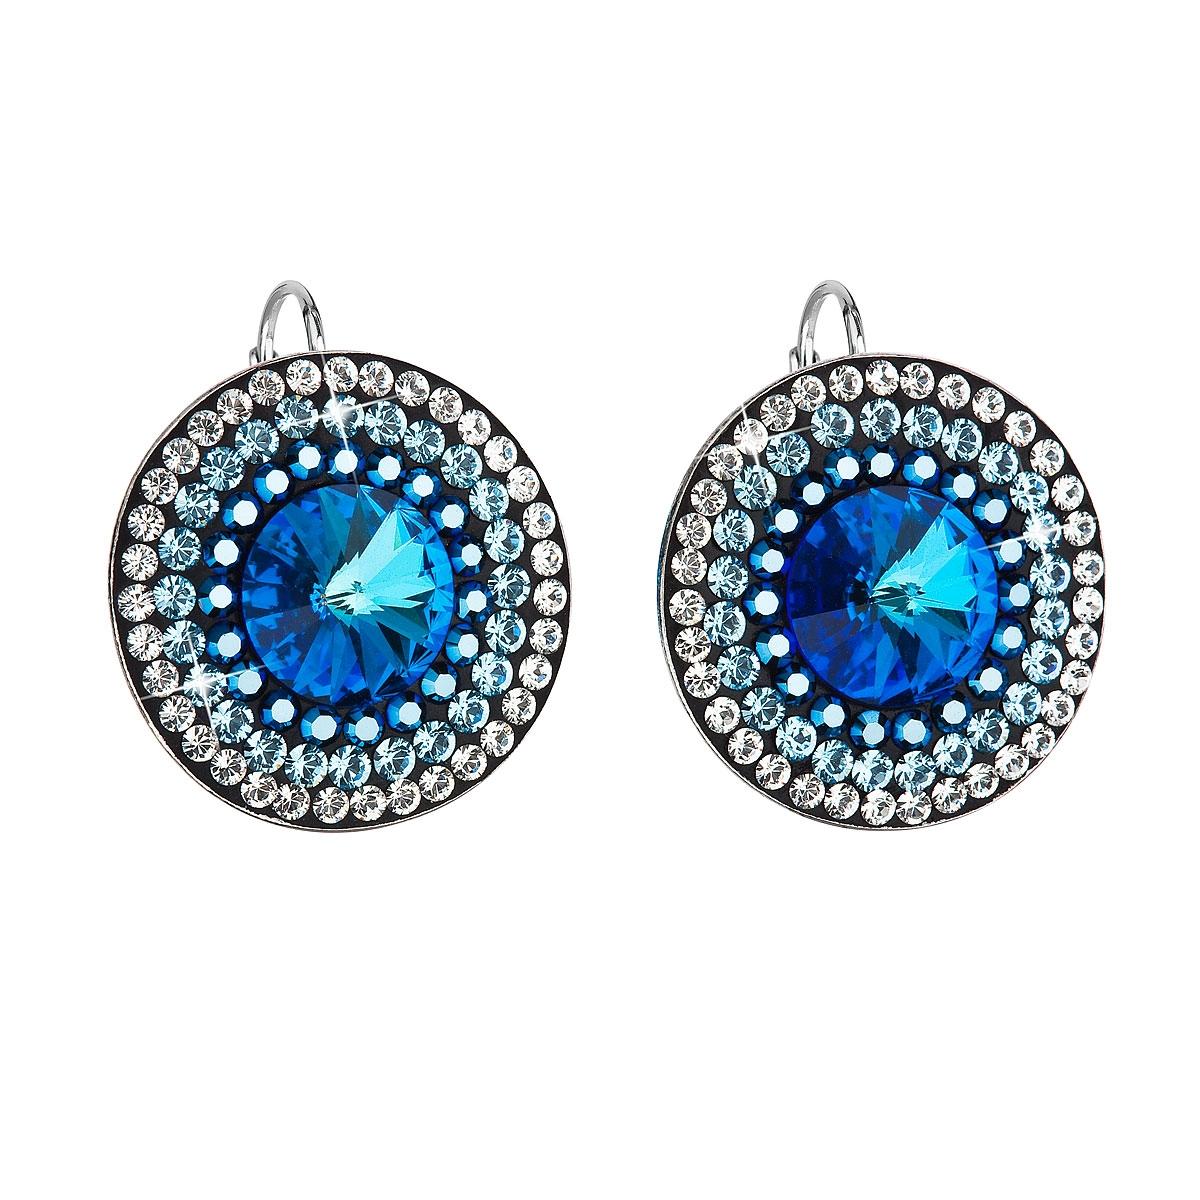 Strieborné náušnice visiace s kryštálmi Swarovski modré okrúhle-rivoli dc556934bb9